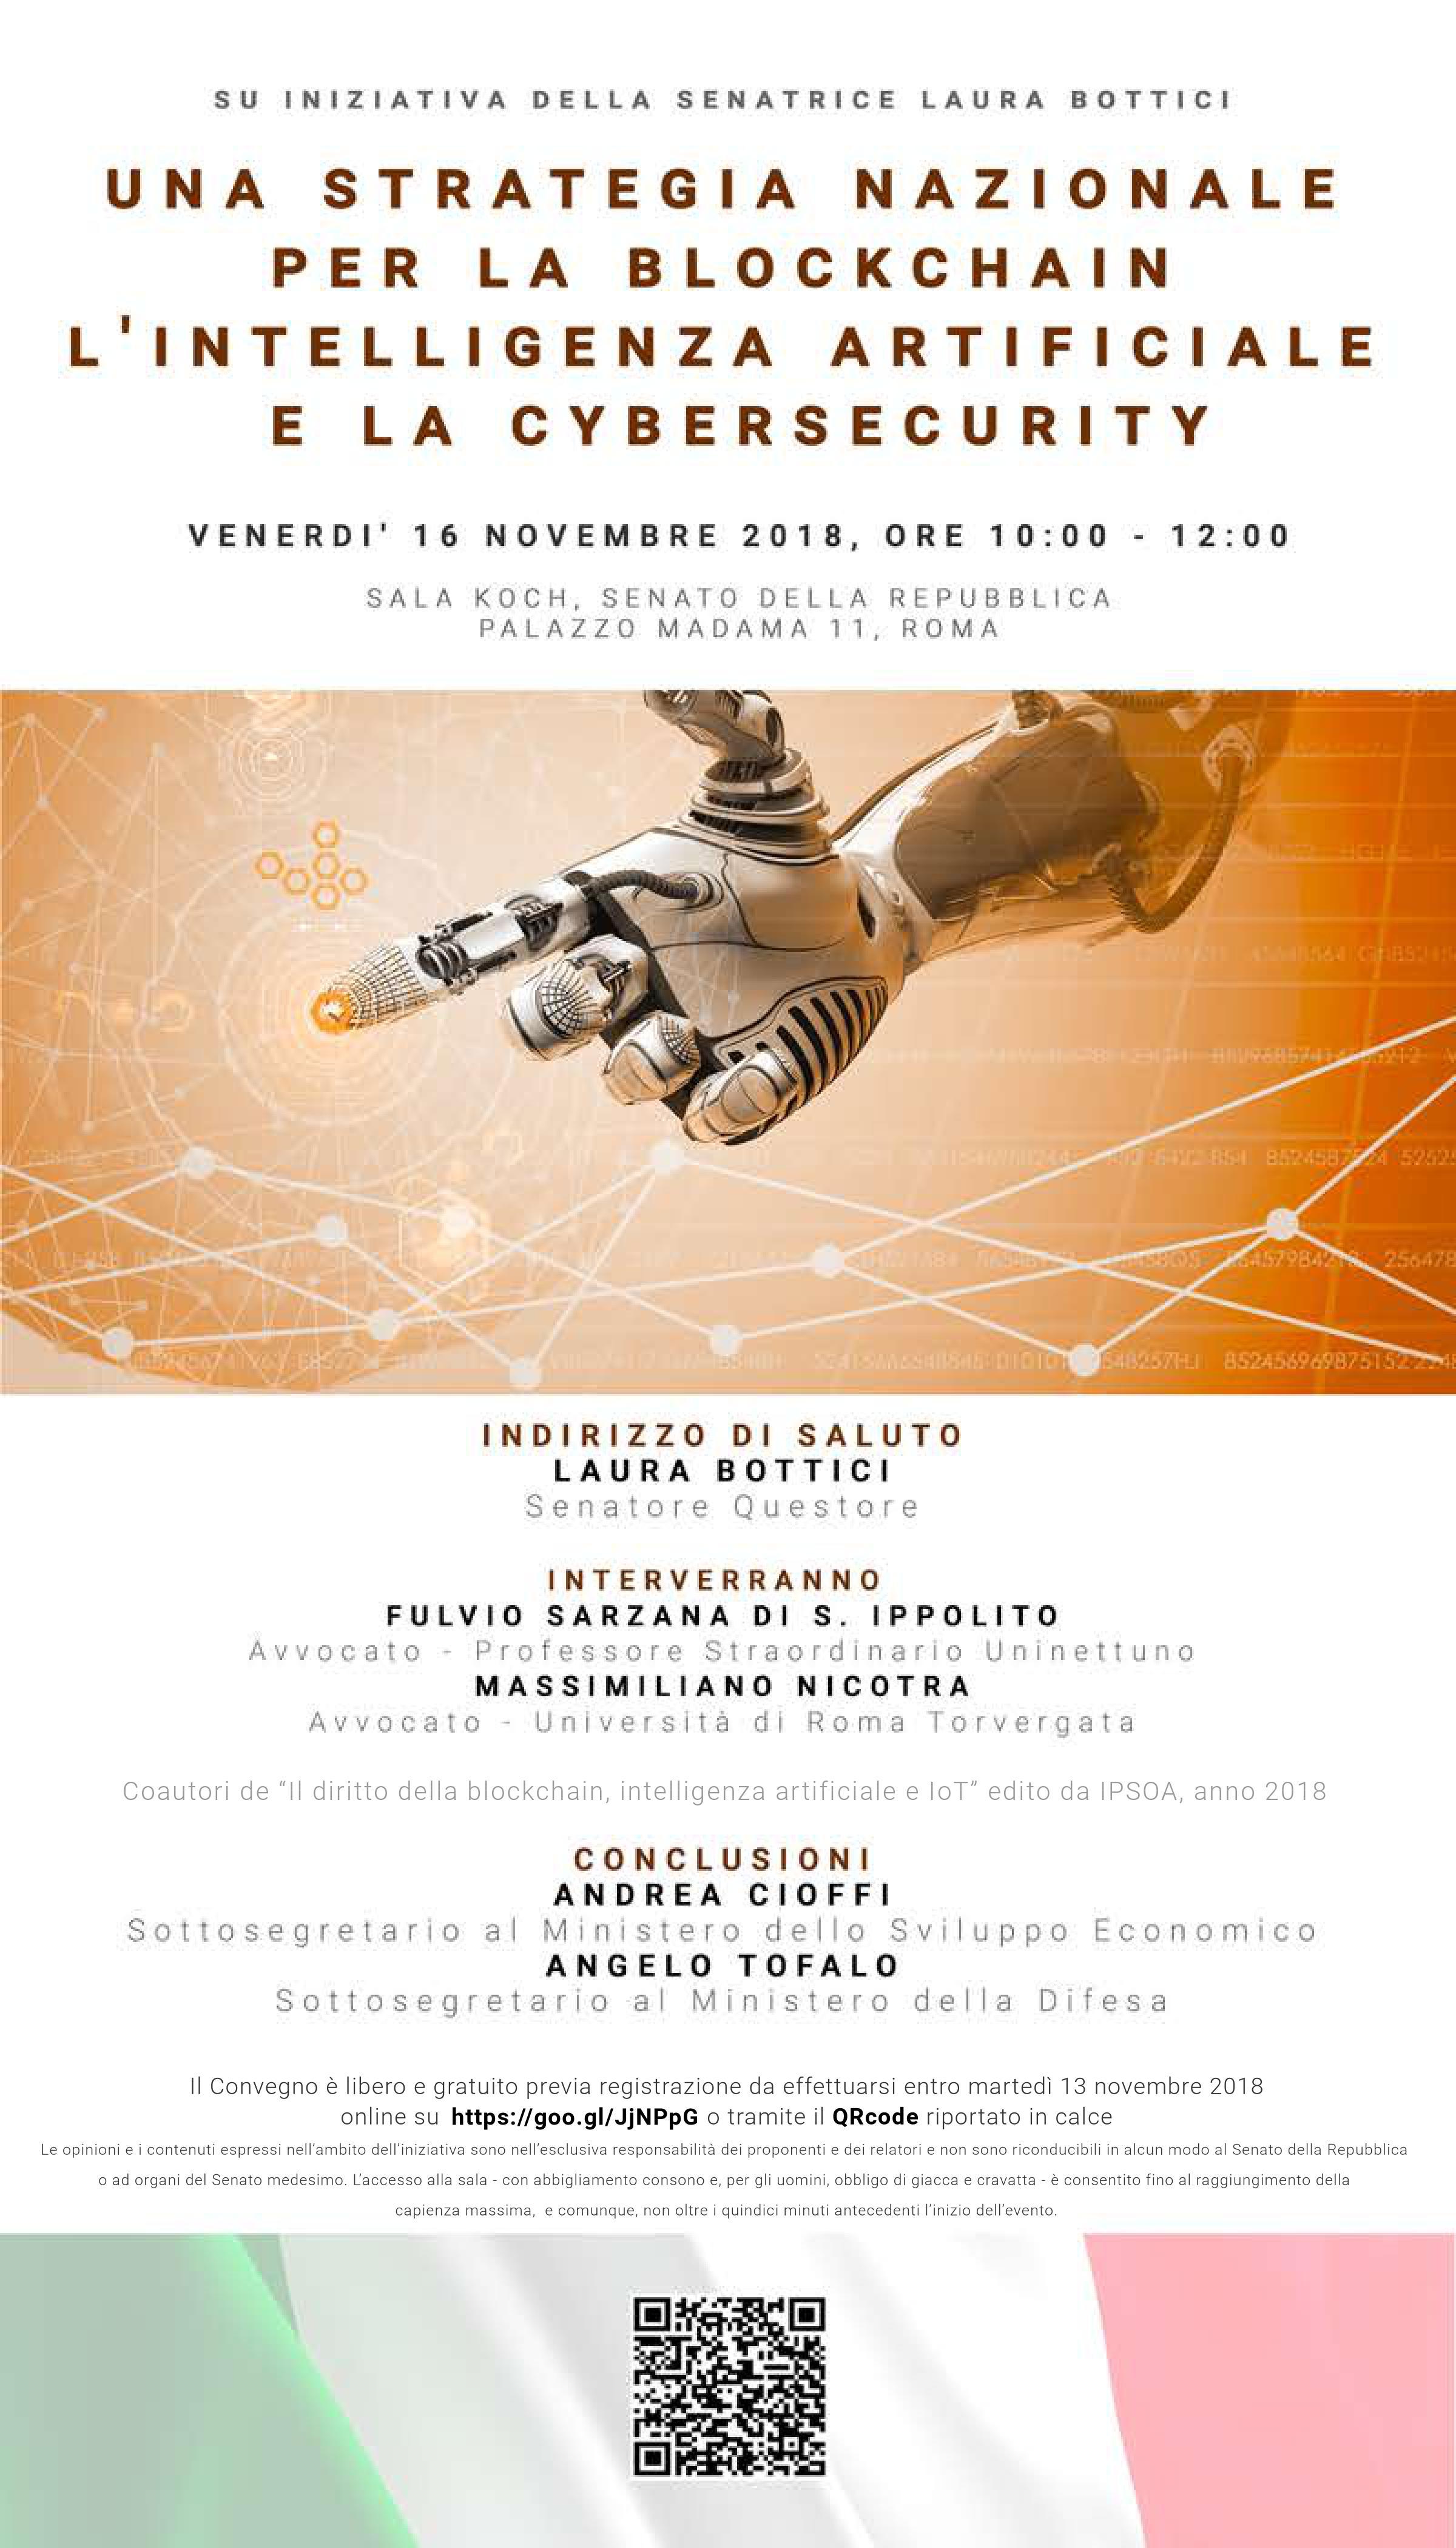 Presentazione evento Blockchain Senato